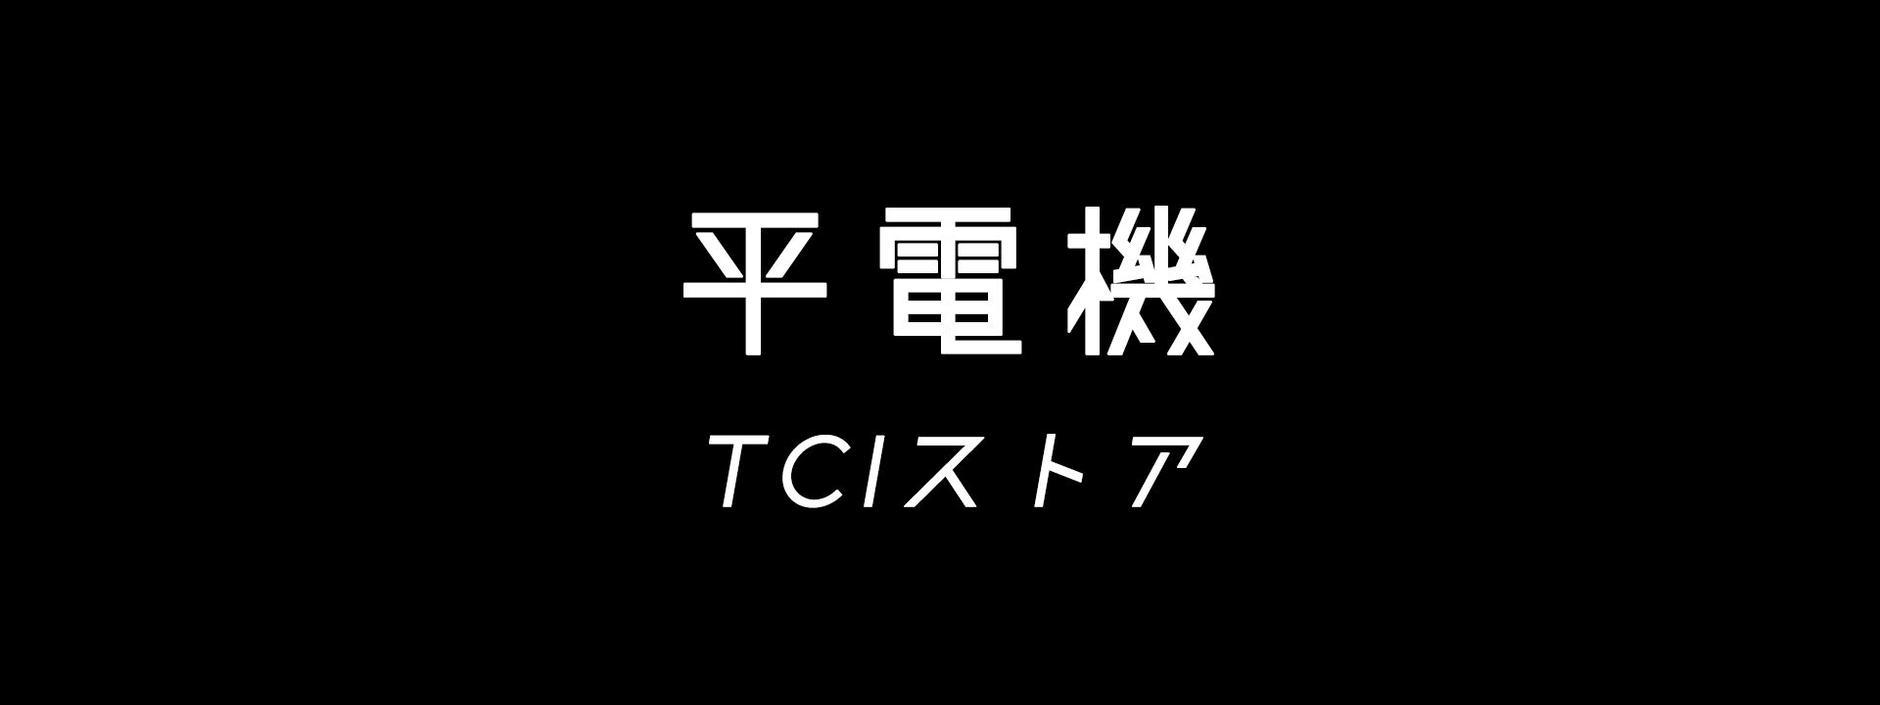 TCI STORE